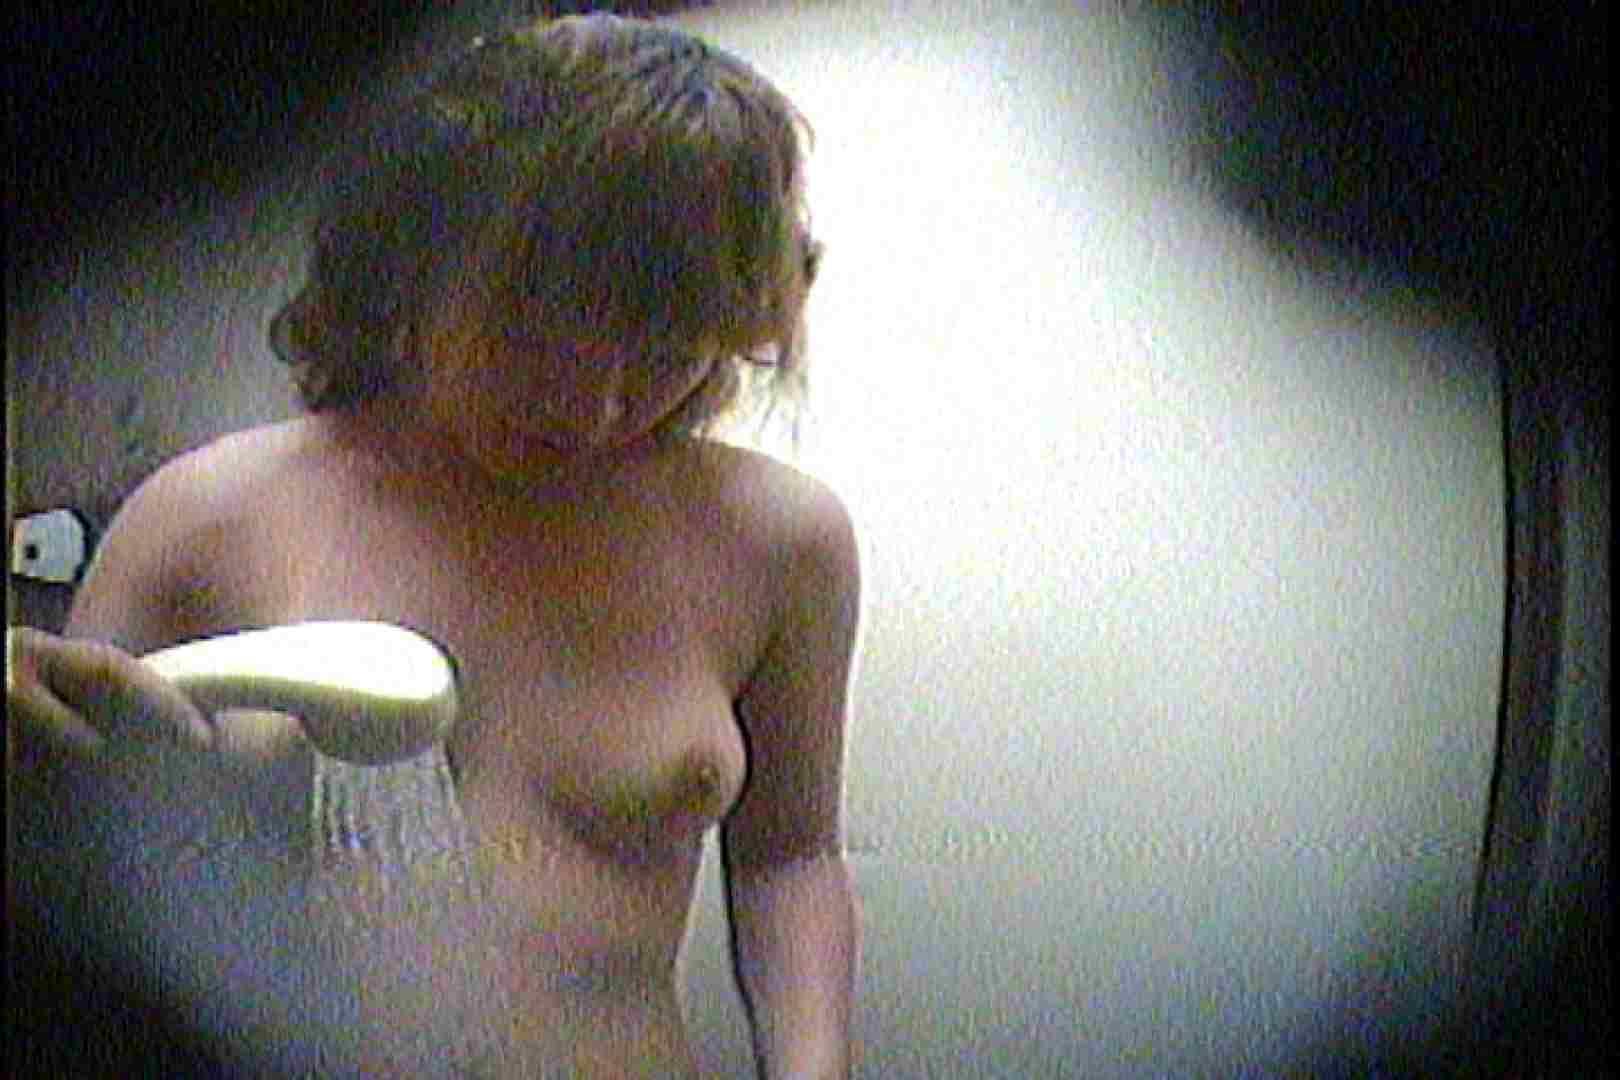 海の家の更衣室 Vol.21 エッチすぎる美女 隠し撮りオマンコ動画紹介 38連発 20